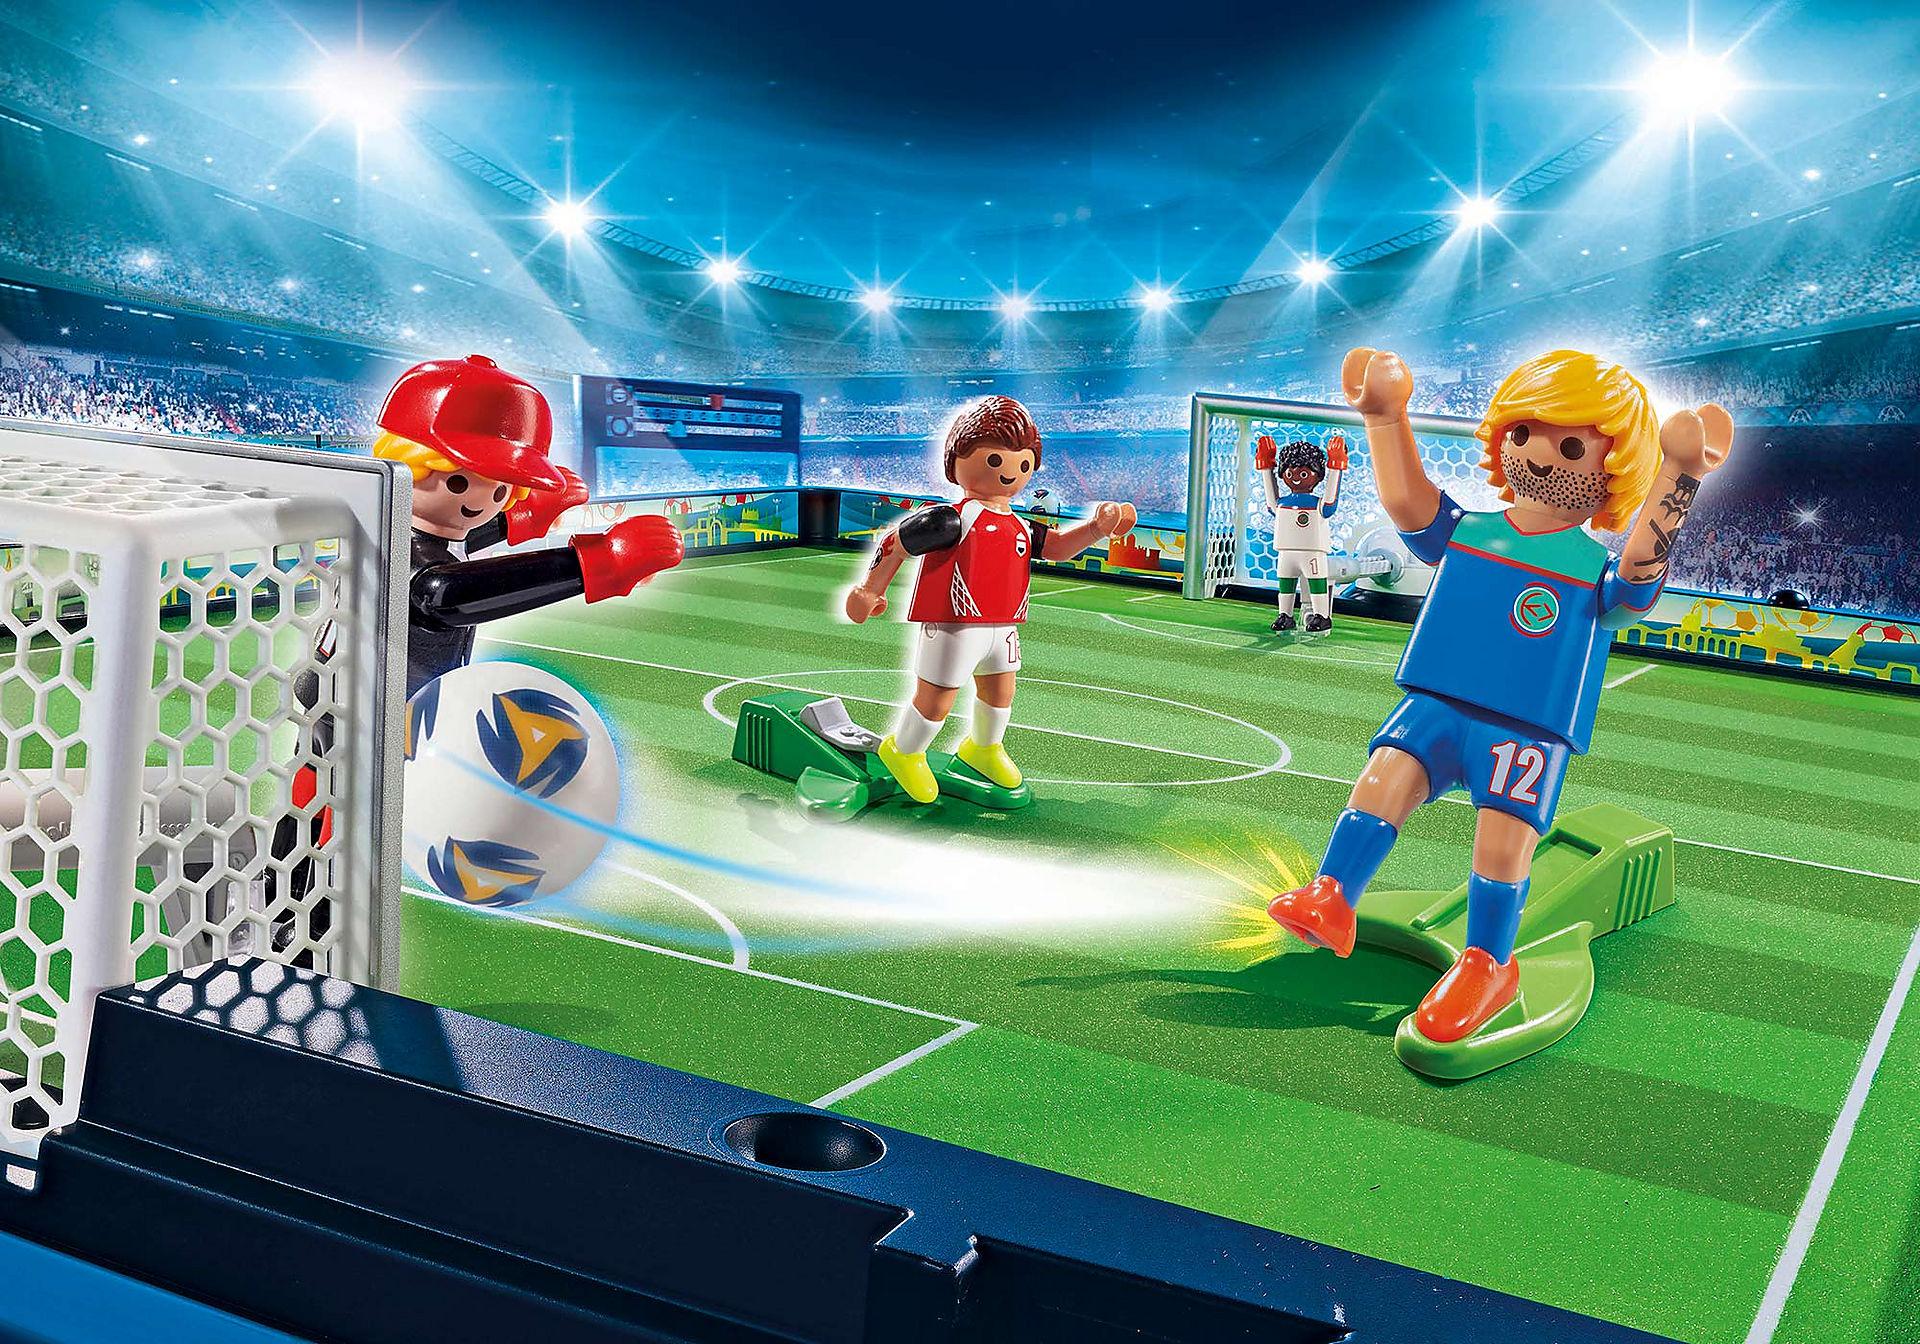 70244 Γήπεδο ποδοσφαίρου-Βαλιτσάκι zoom image1